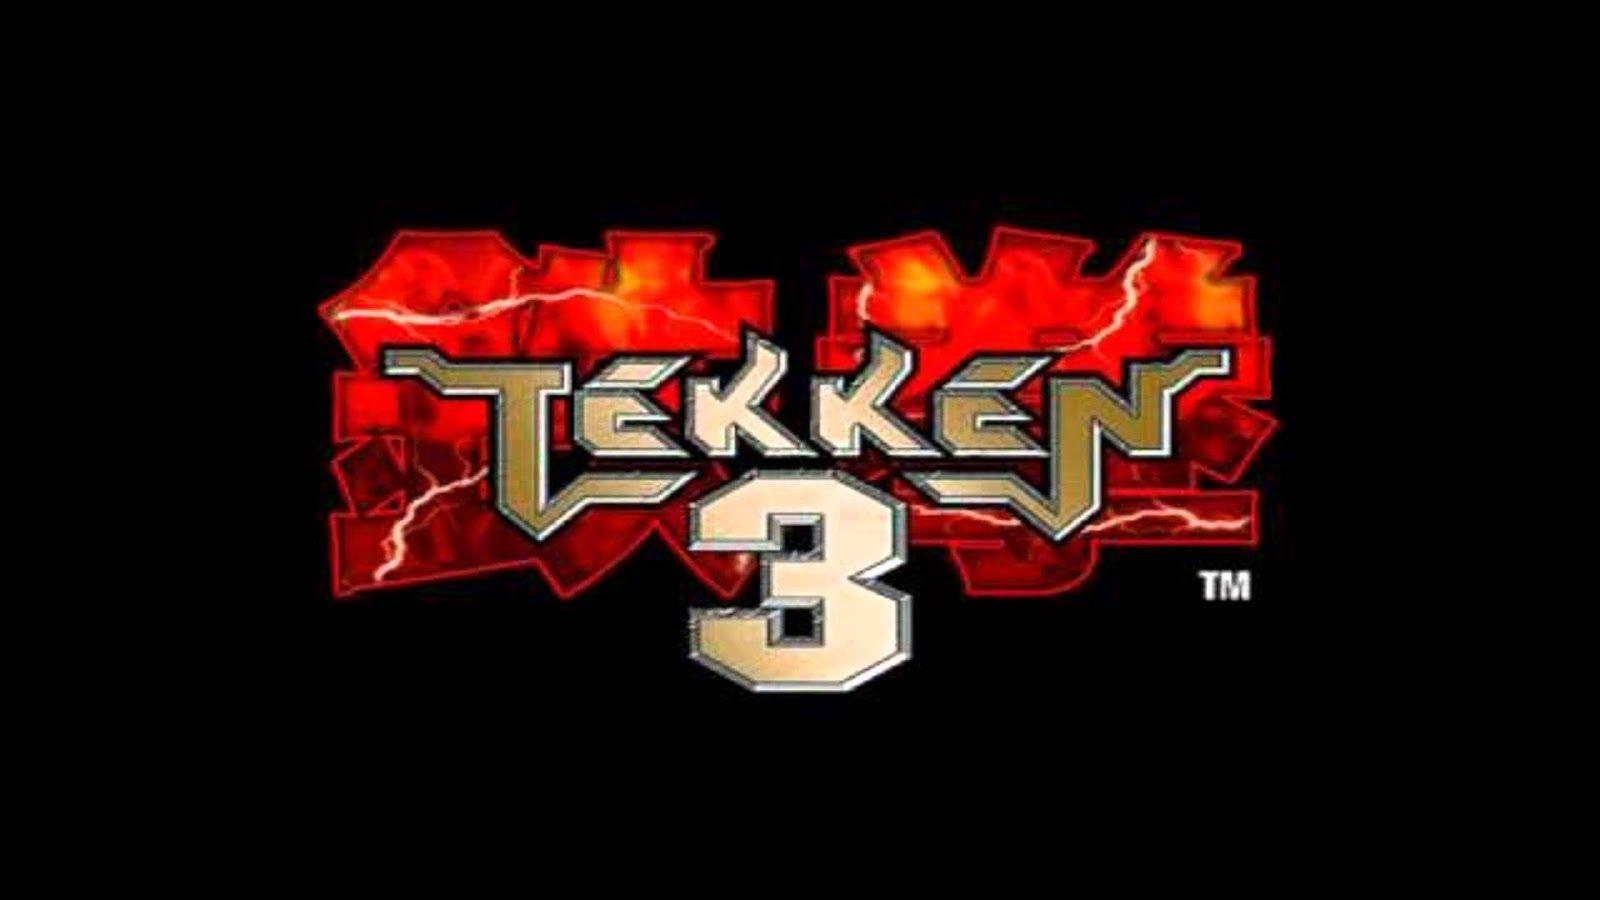 Free Download Game Pc Tekken 3 Download Game Full Version Game Download Free Pc Games Download Wwe Game Download